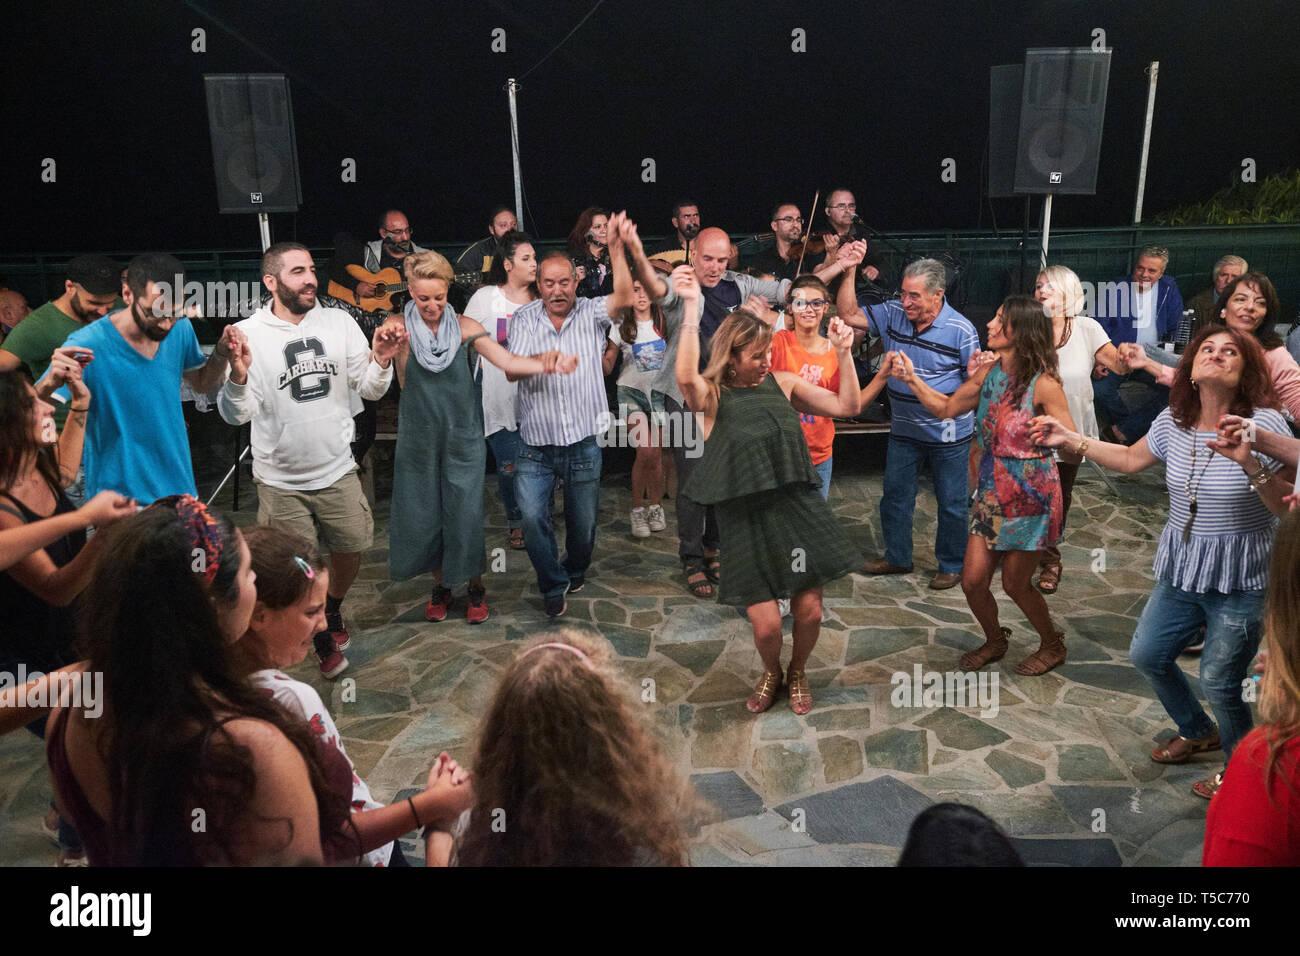 Un panegyri o village festival de música tradicional y danzas folklóricas, en la isla griega de Ikaria, en el Mar Egeo. Imagen De Stock